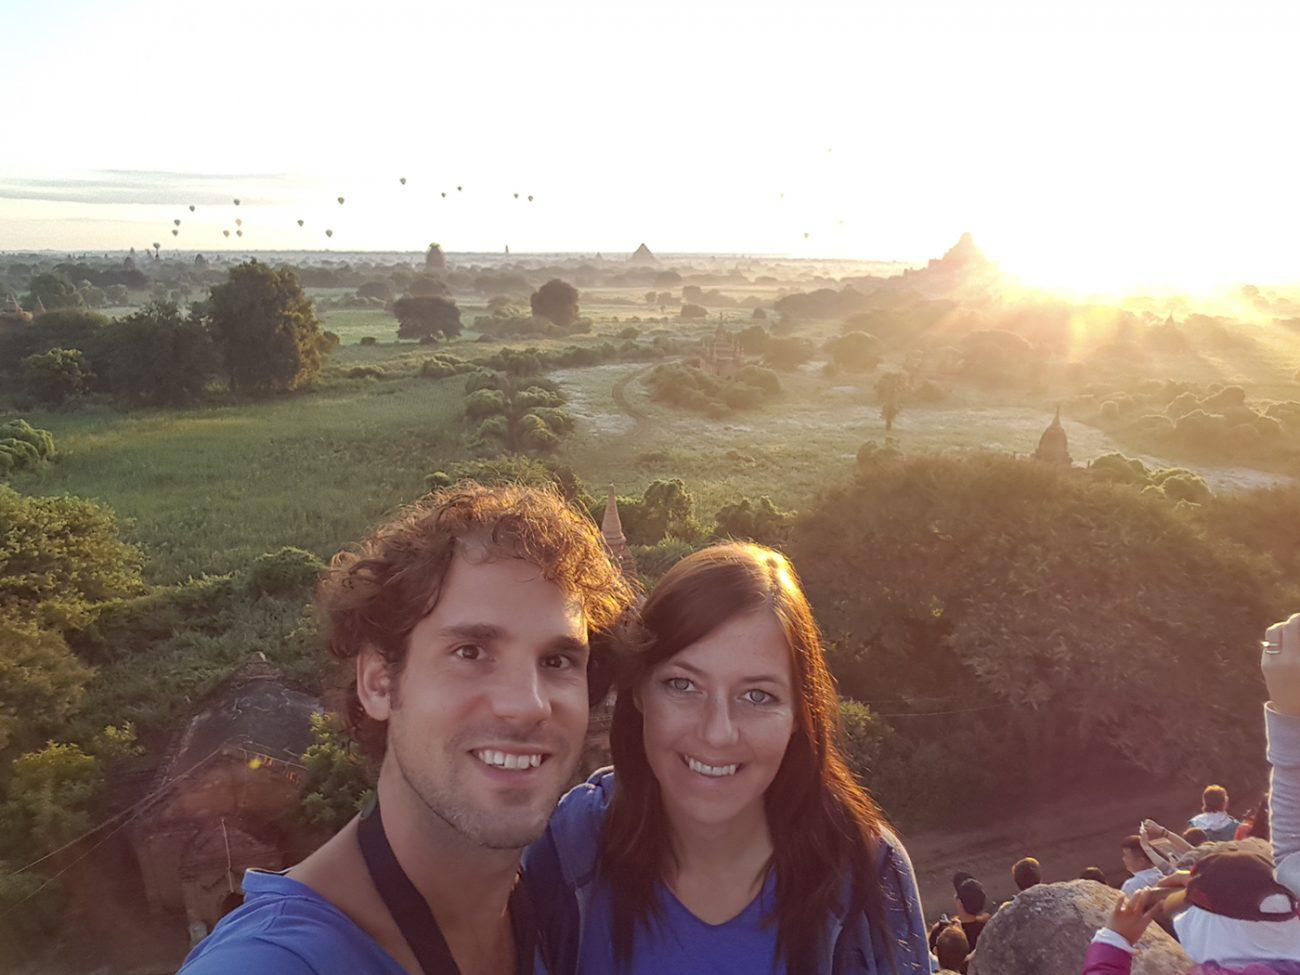 Samen met tientallen andere toeristen de zonsopkomst over de tempels van Bagan bekijken